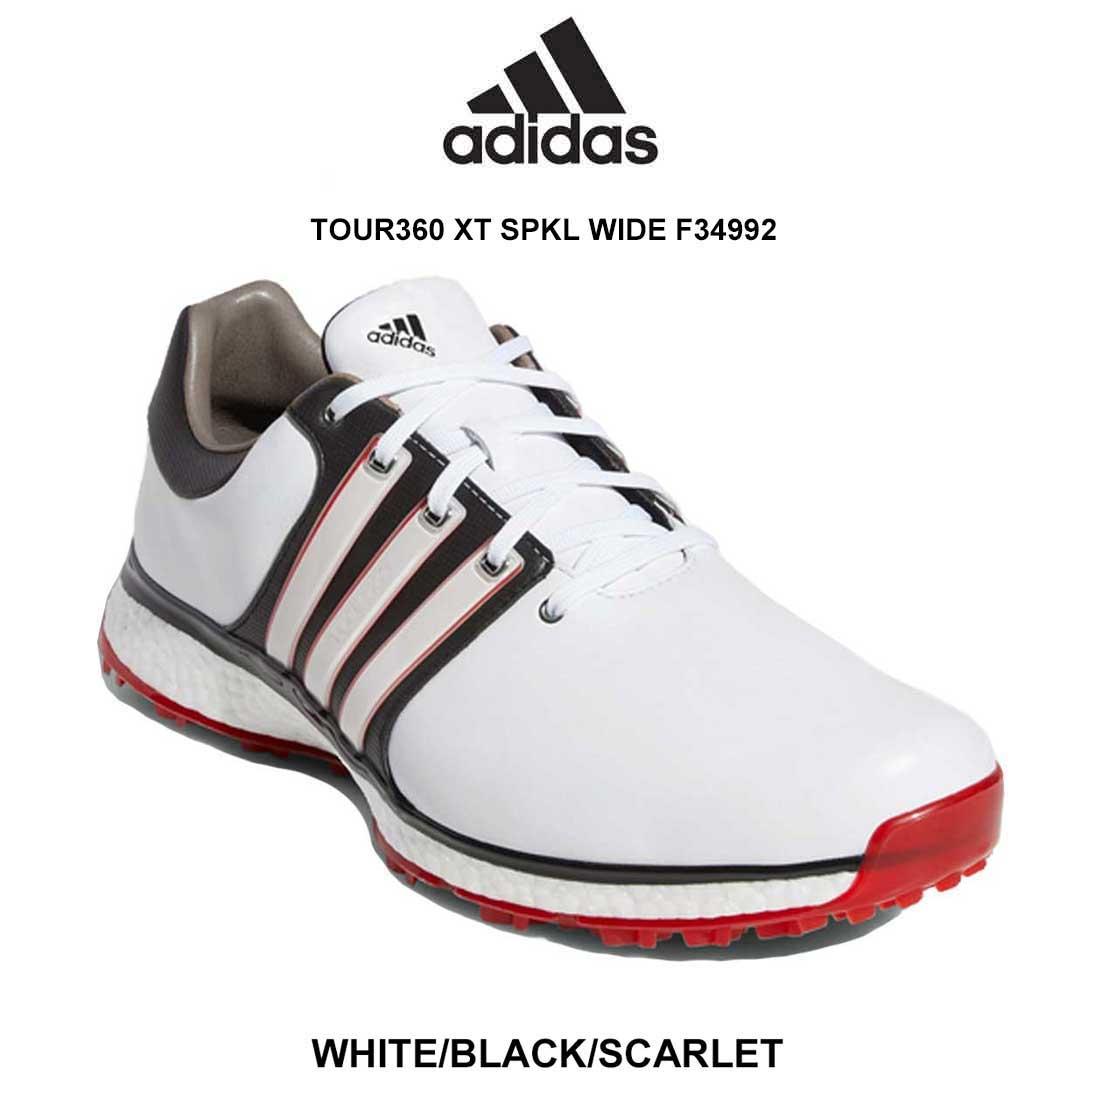 adidas(アディダス)ゴルフシューズ レザー スパイクレス 幅(W) メンズ TOUR360 XT SPKL WIDE F34992